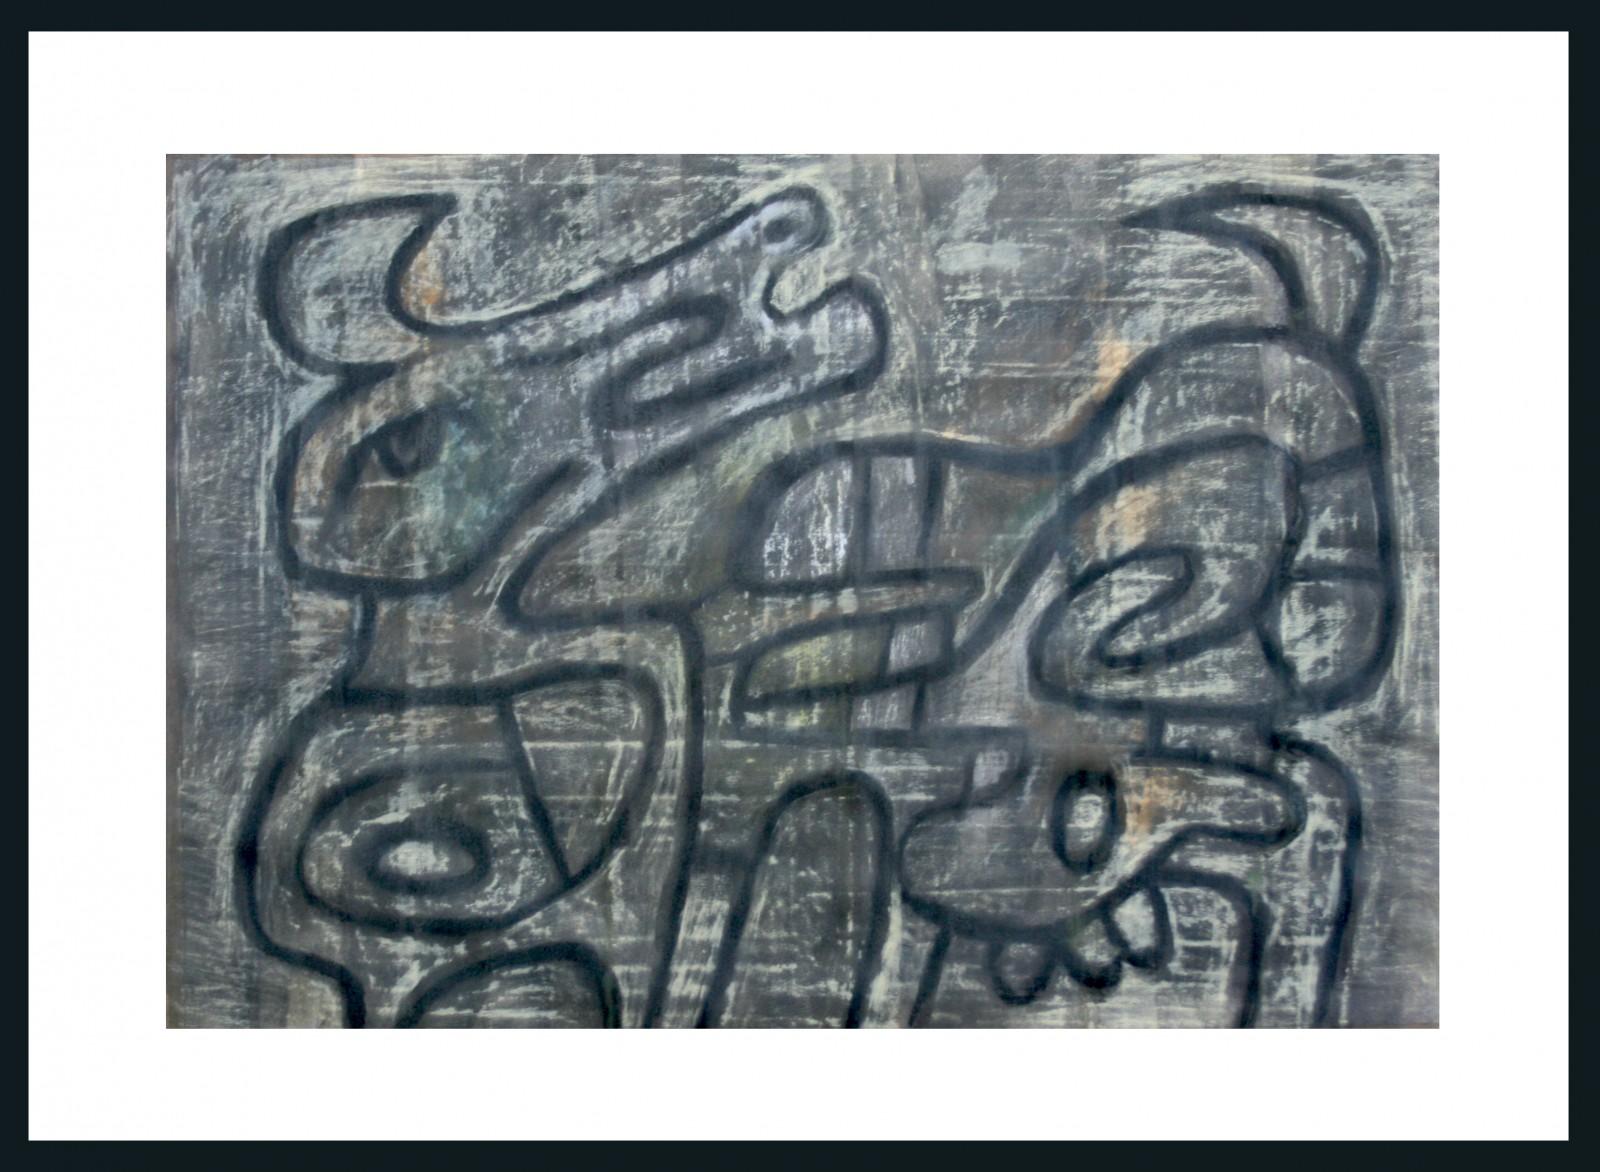 Grote Lijst Met Passepartout.Over Het Loeien Bestaan Grote Misverstanden Kunstenaars Vereniging